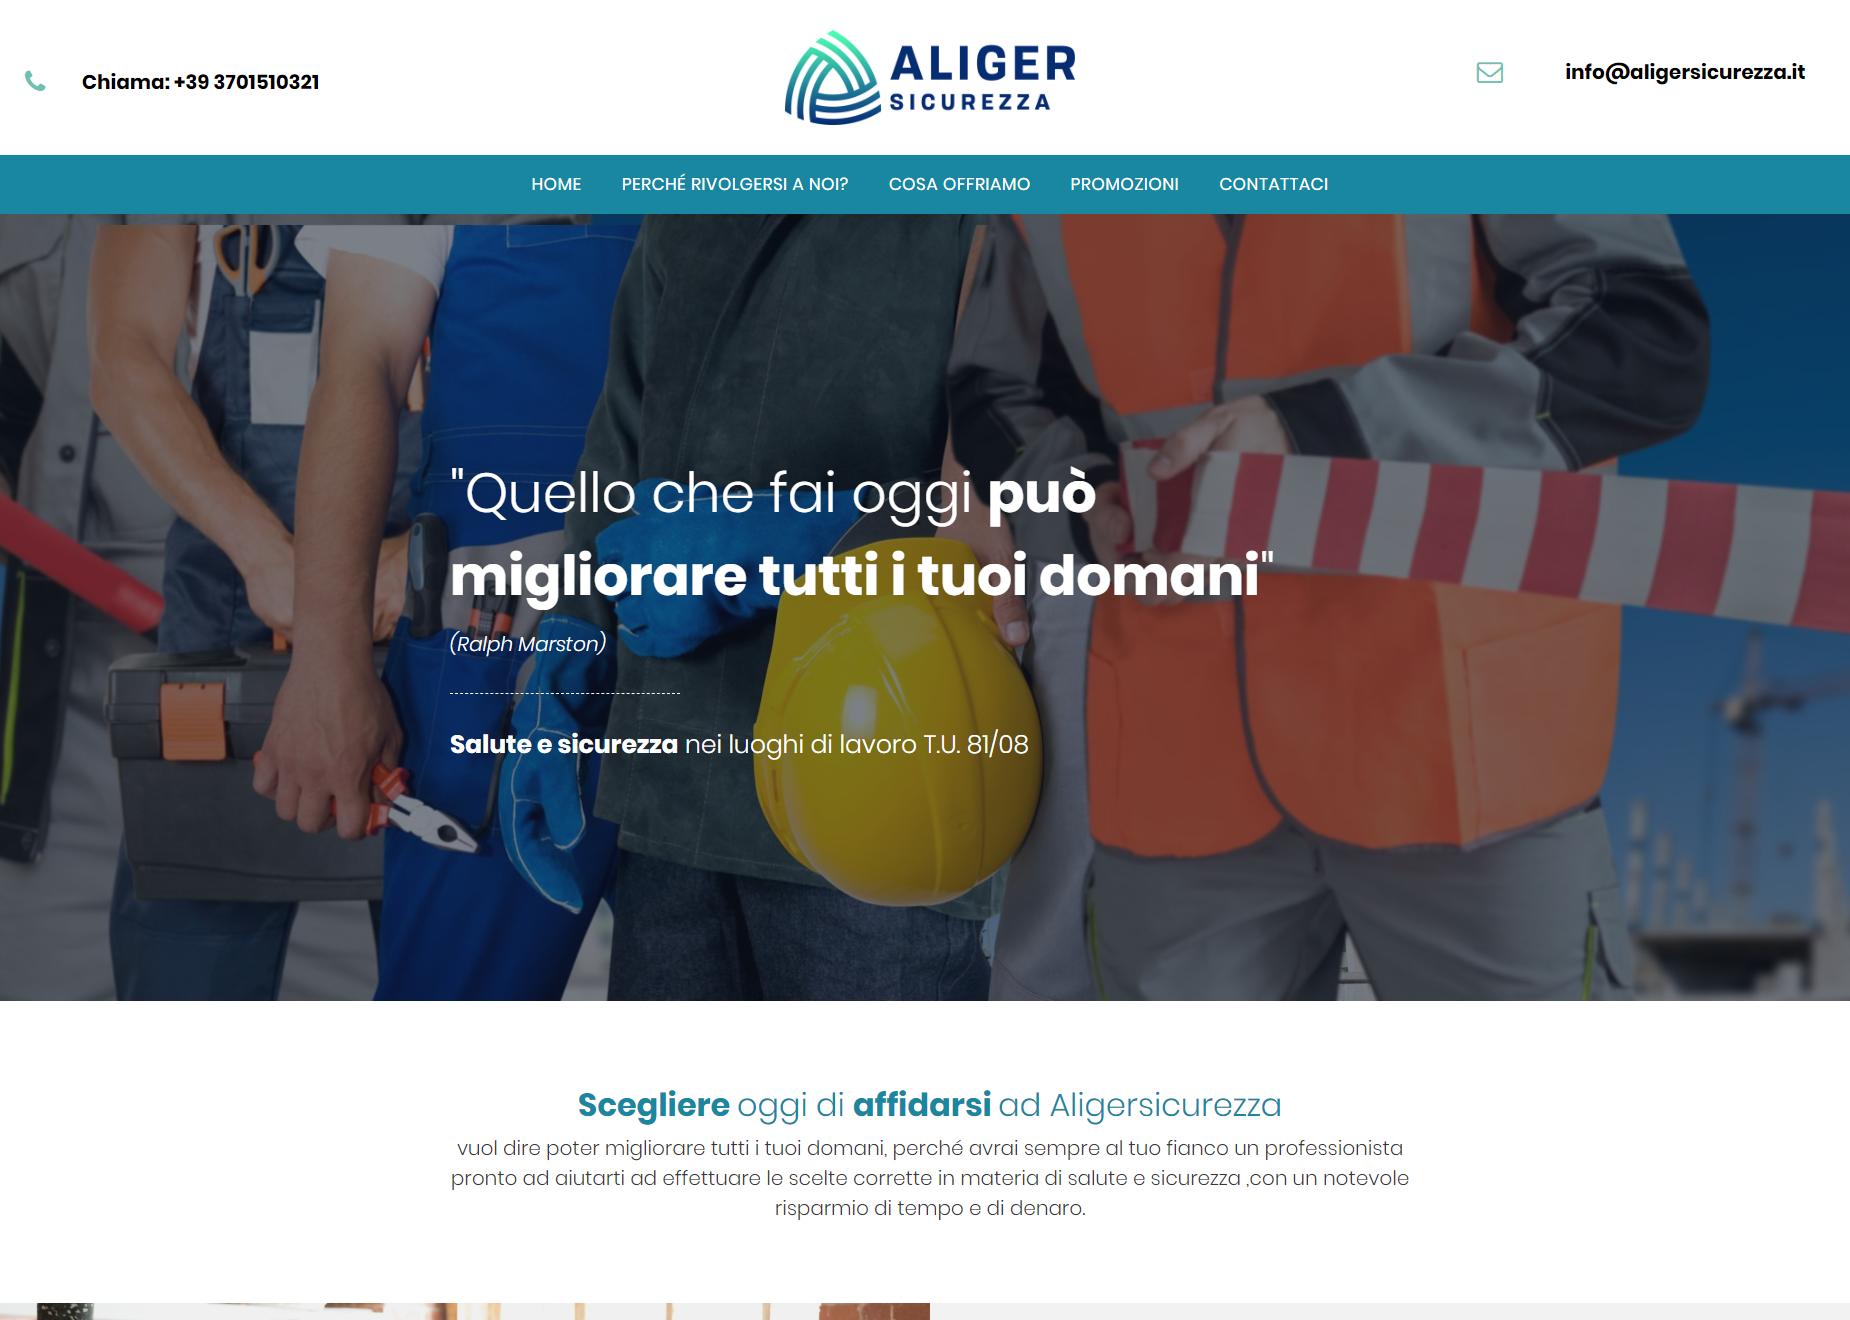 screencapture-aligersicurezza-it-2019-05-30-14_15_44(1)